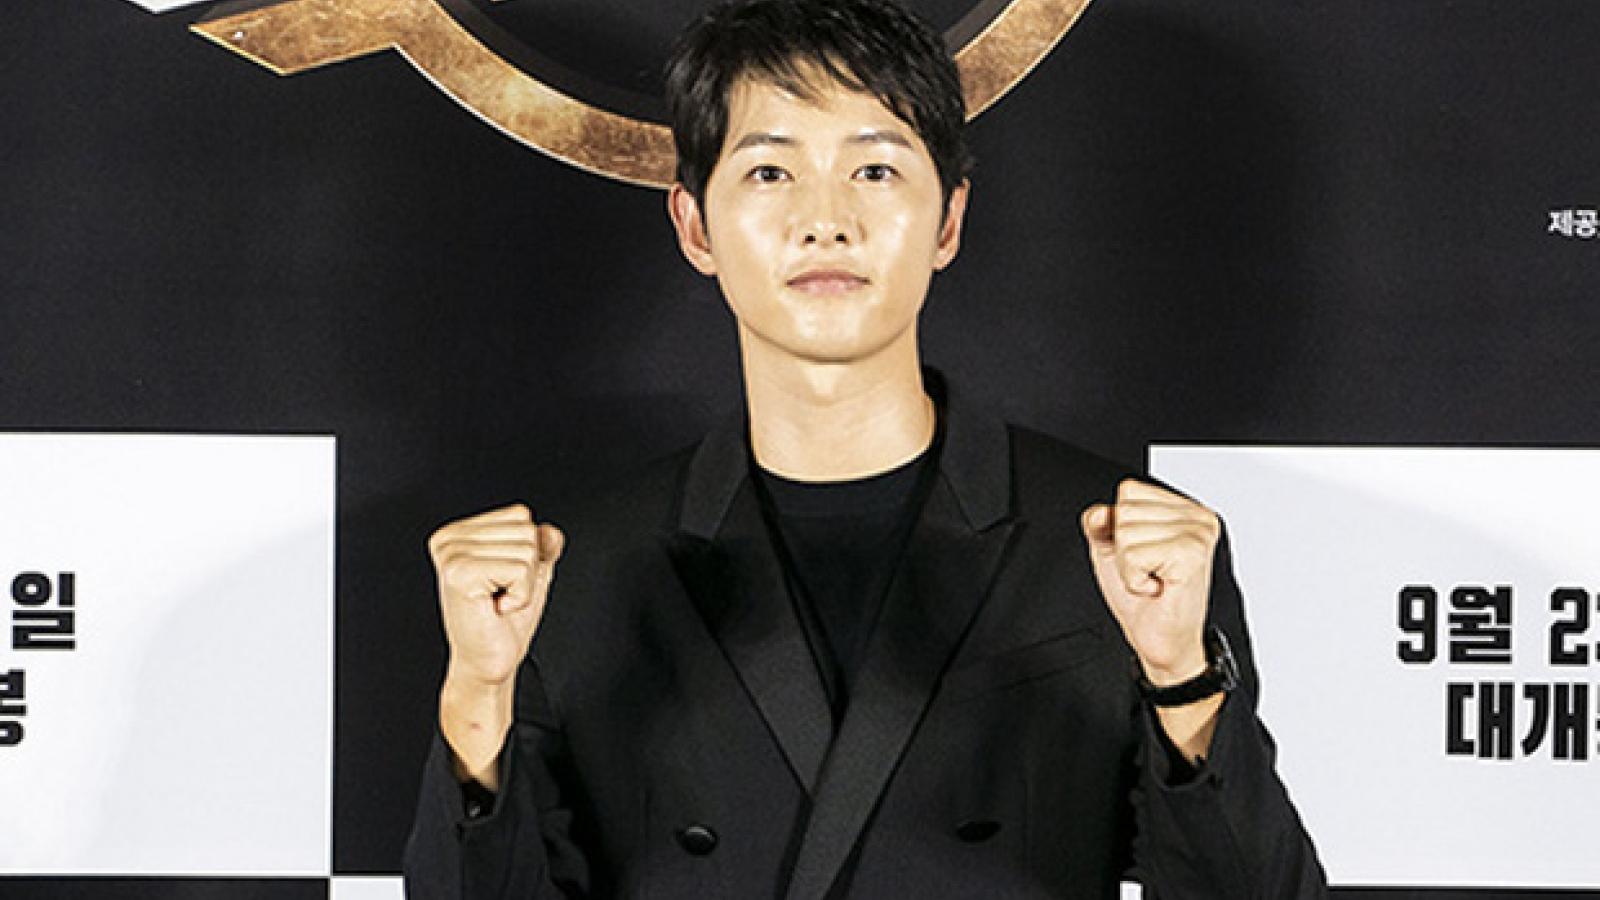 Song Joong Ki lộ diện điển trai, tràn đầy sức sống sau ly hôn